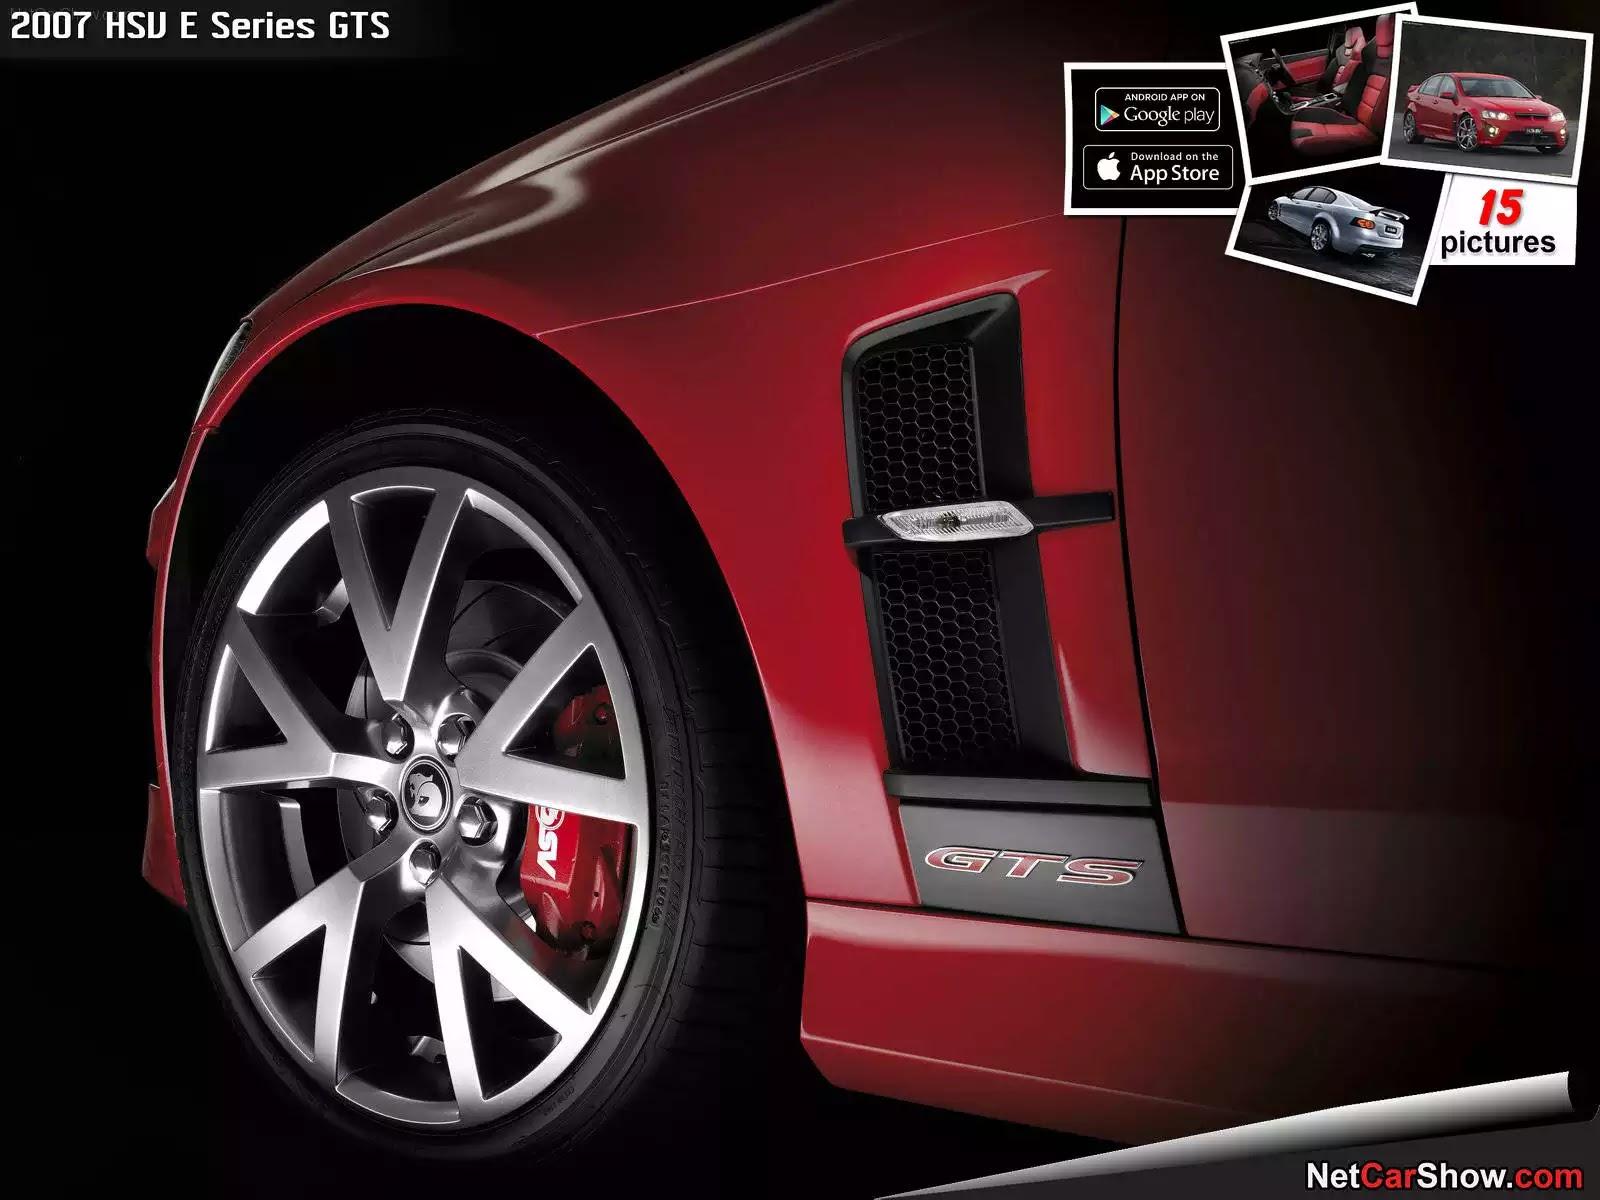 Hình ảnh xe ô tô HSV E Series GTS 2007 & nội ngoại thất